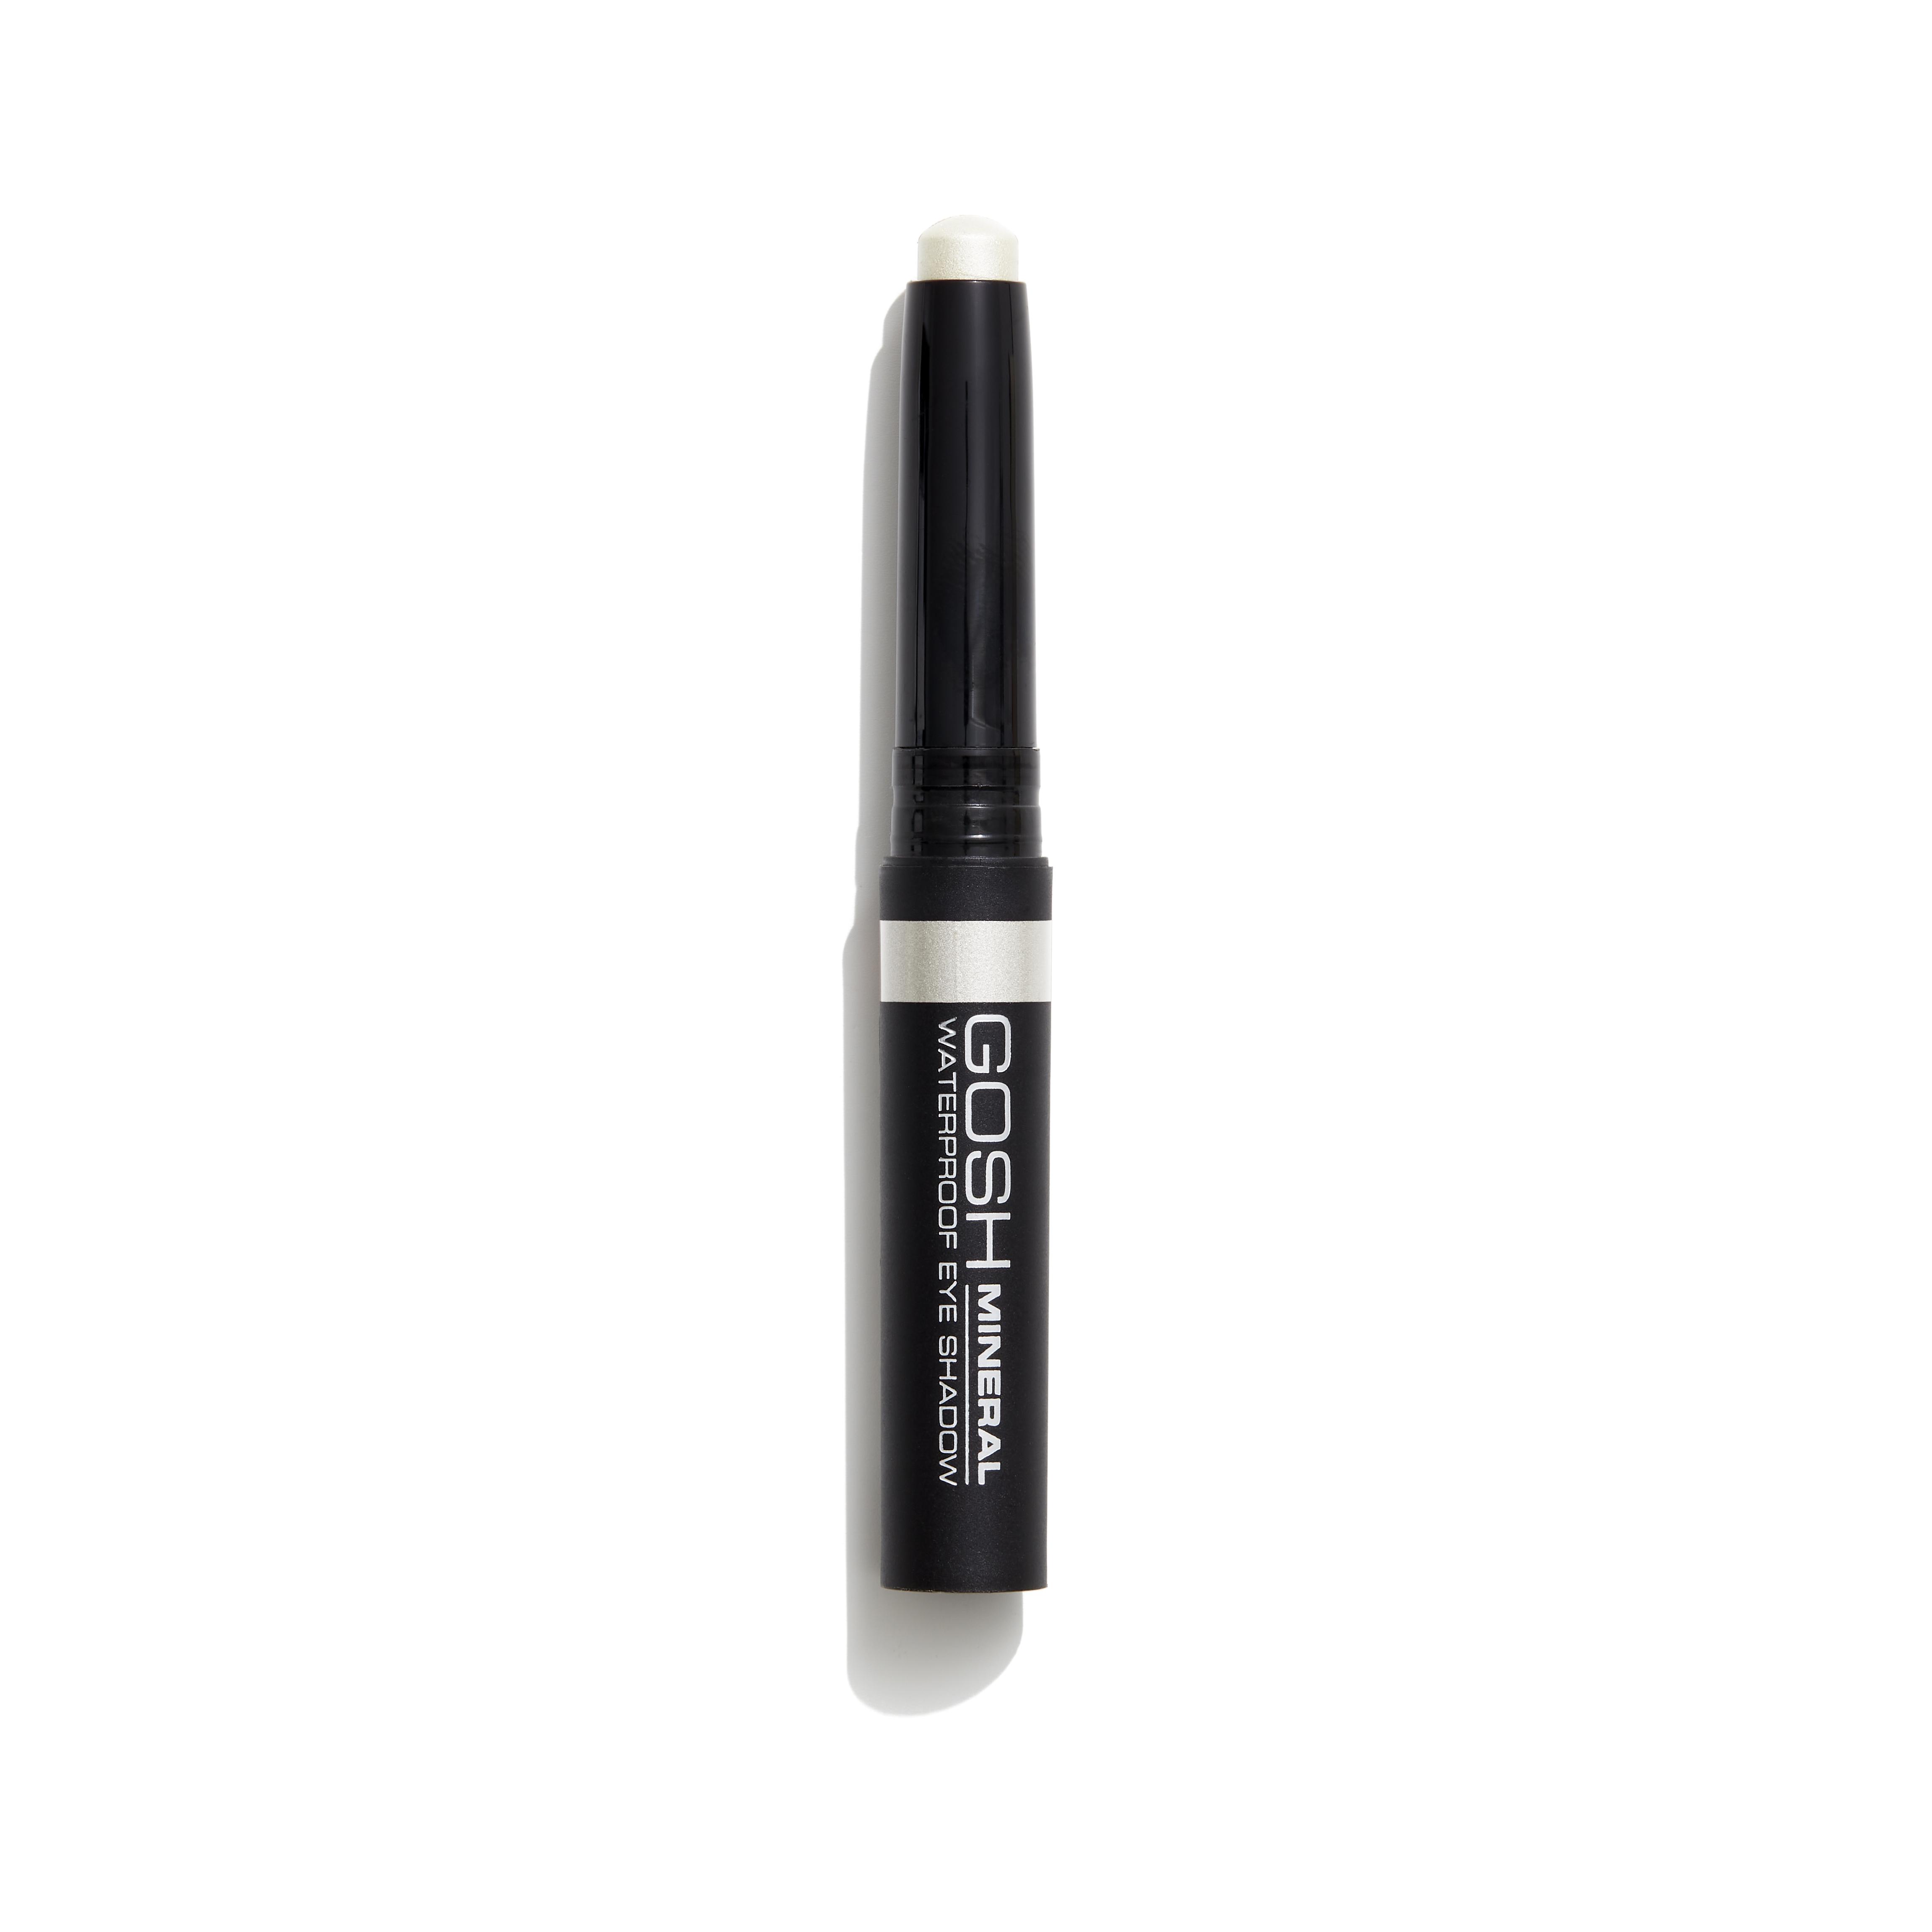 GOSH Copenhagen -  Mineral Waterproof Eye Shadow - 001 Pearly White